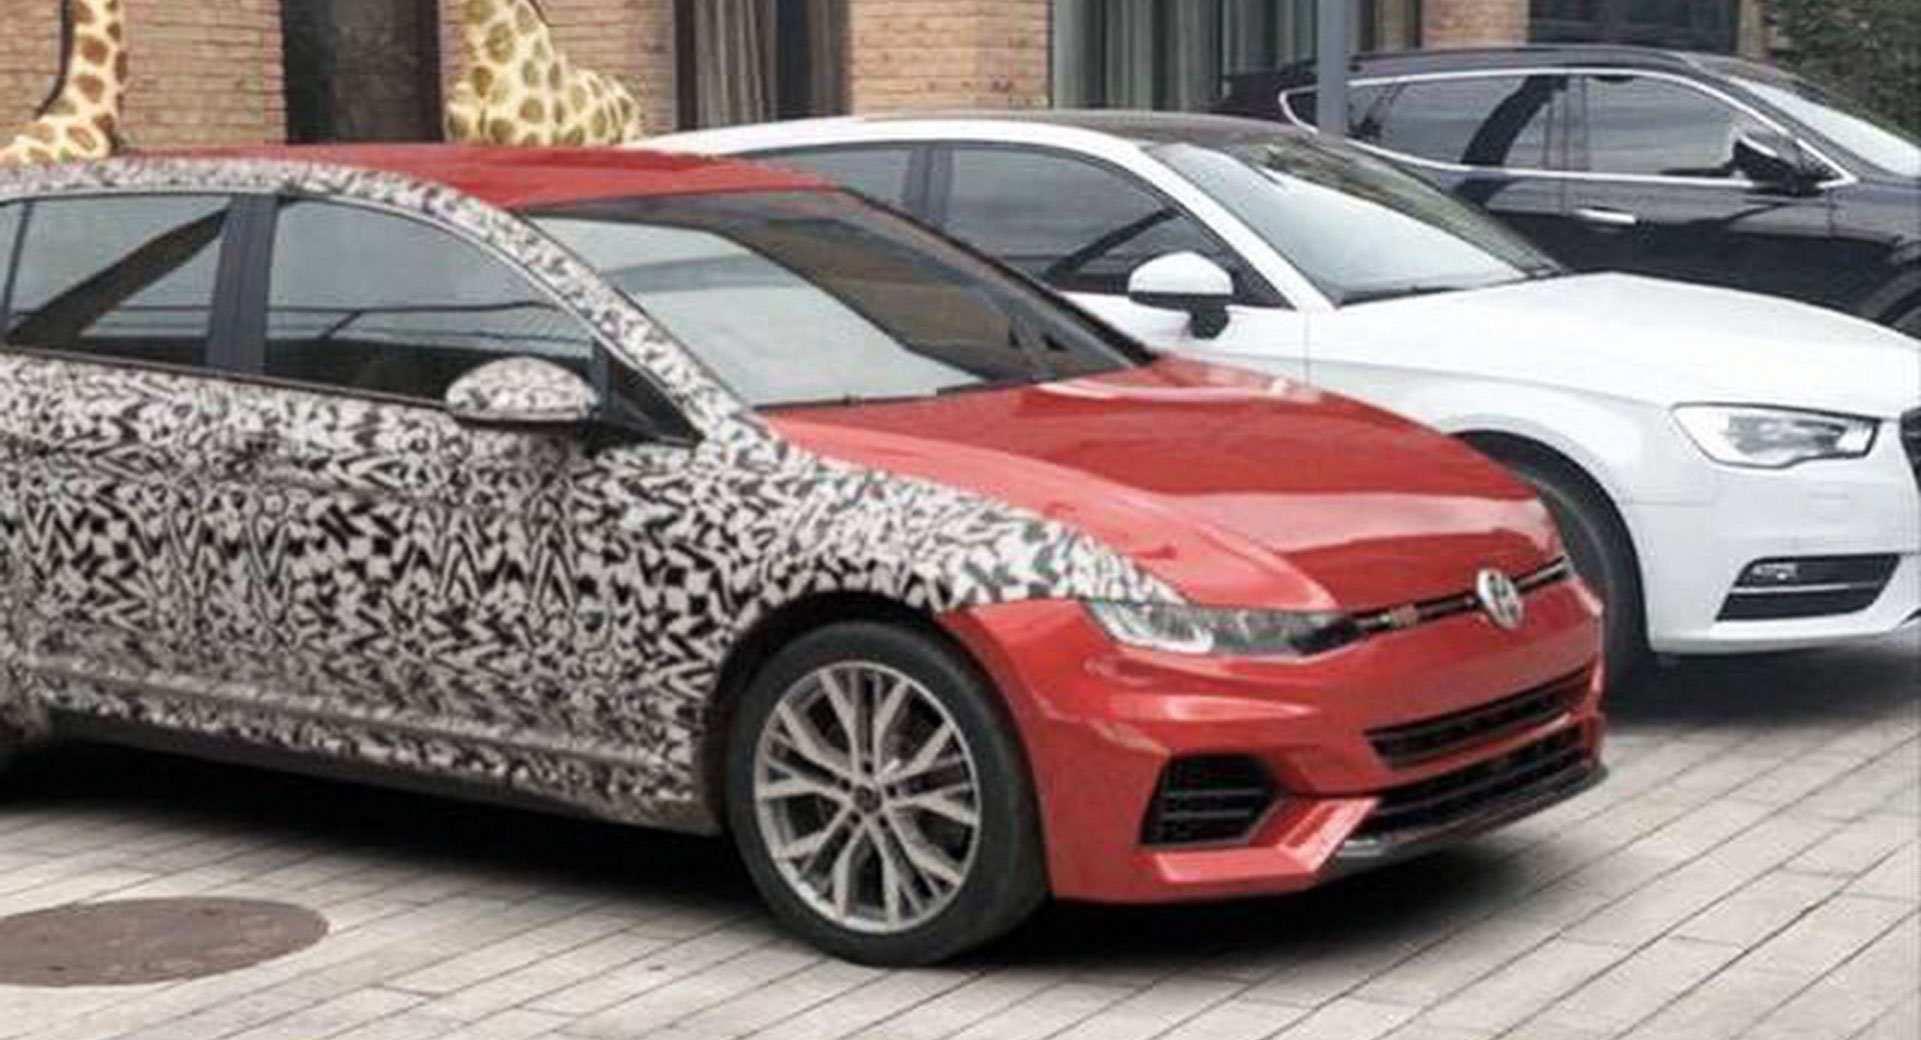 90 New 2020 Volkswagen Gti Configurations for 2020 Volkswagen Gti